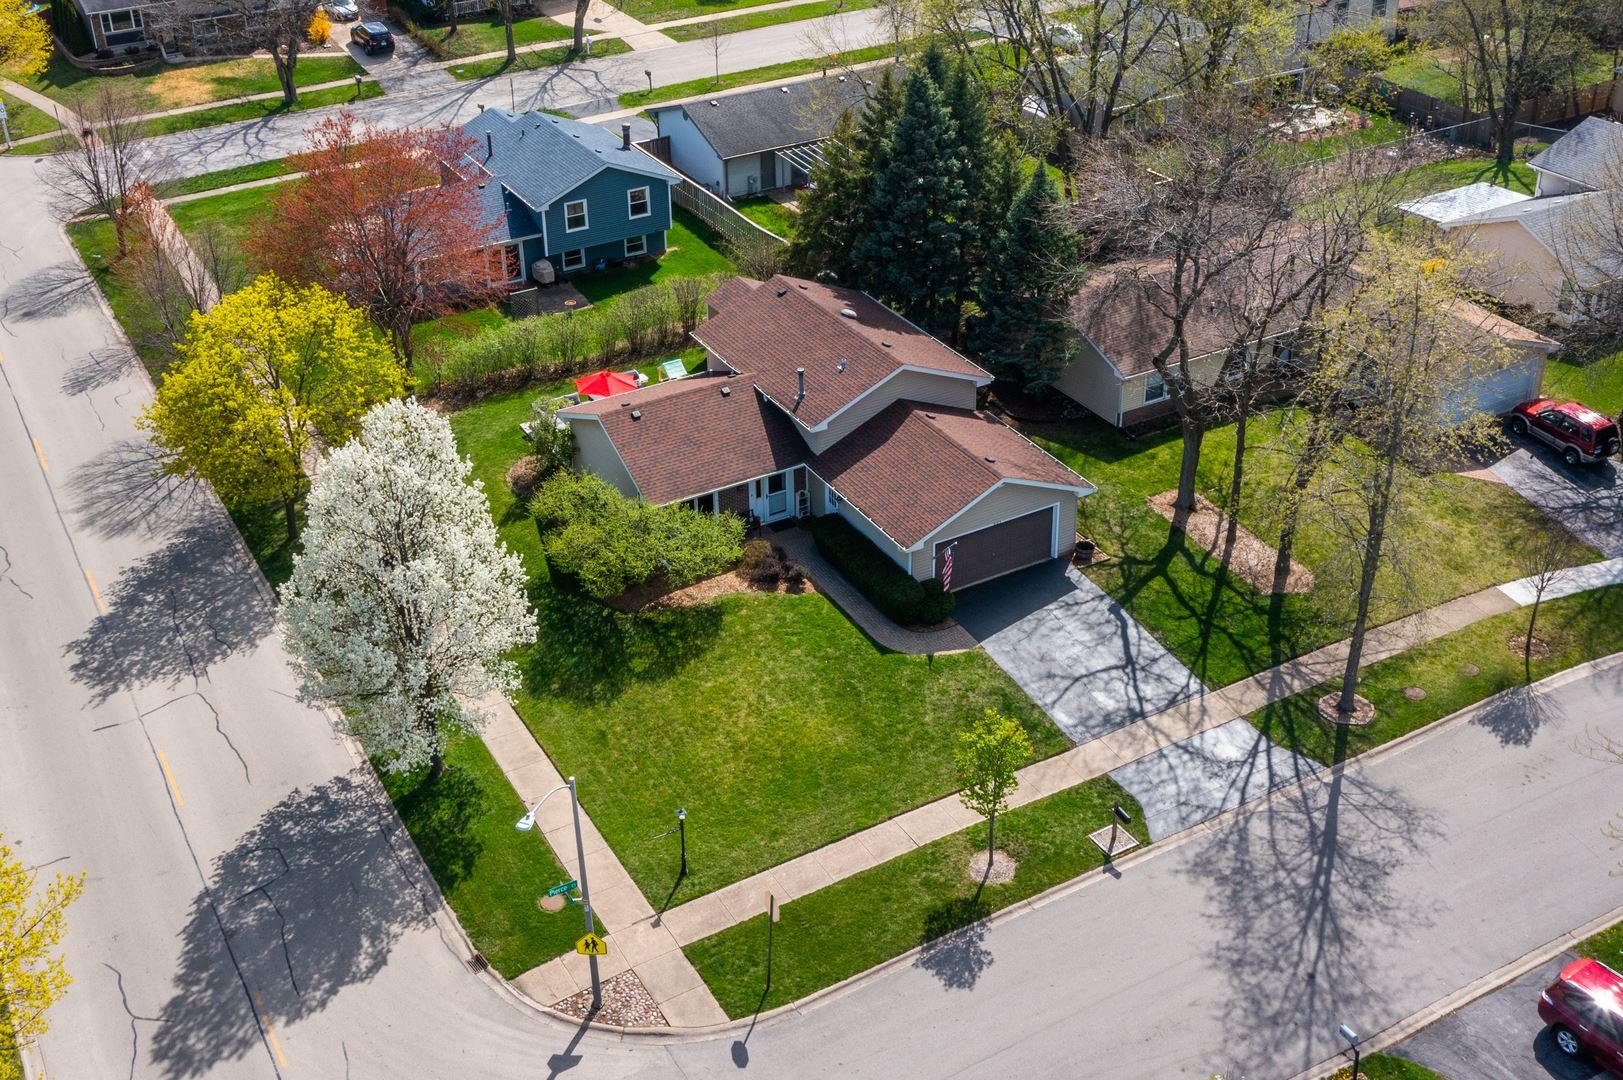 Photo of 301 Pierce Court, Bolingbrook, IL 60440 (MLS # 11049117)